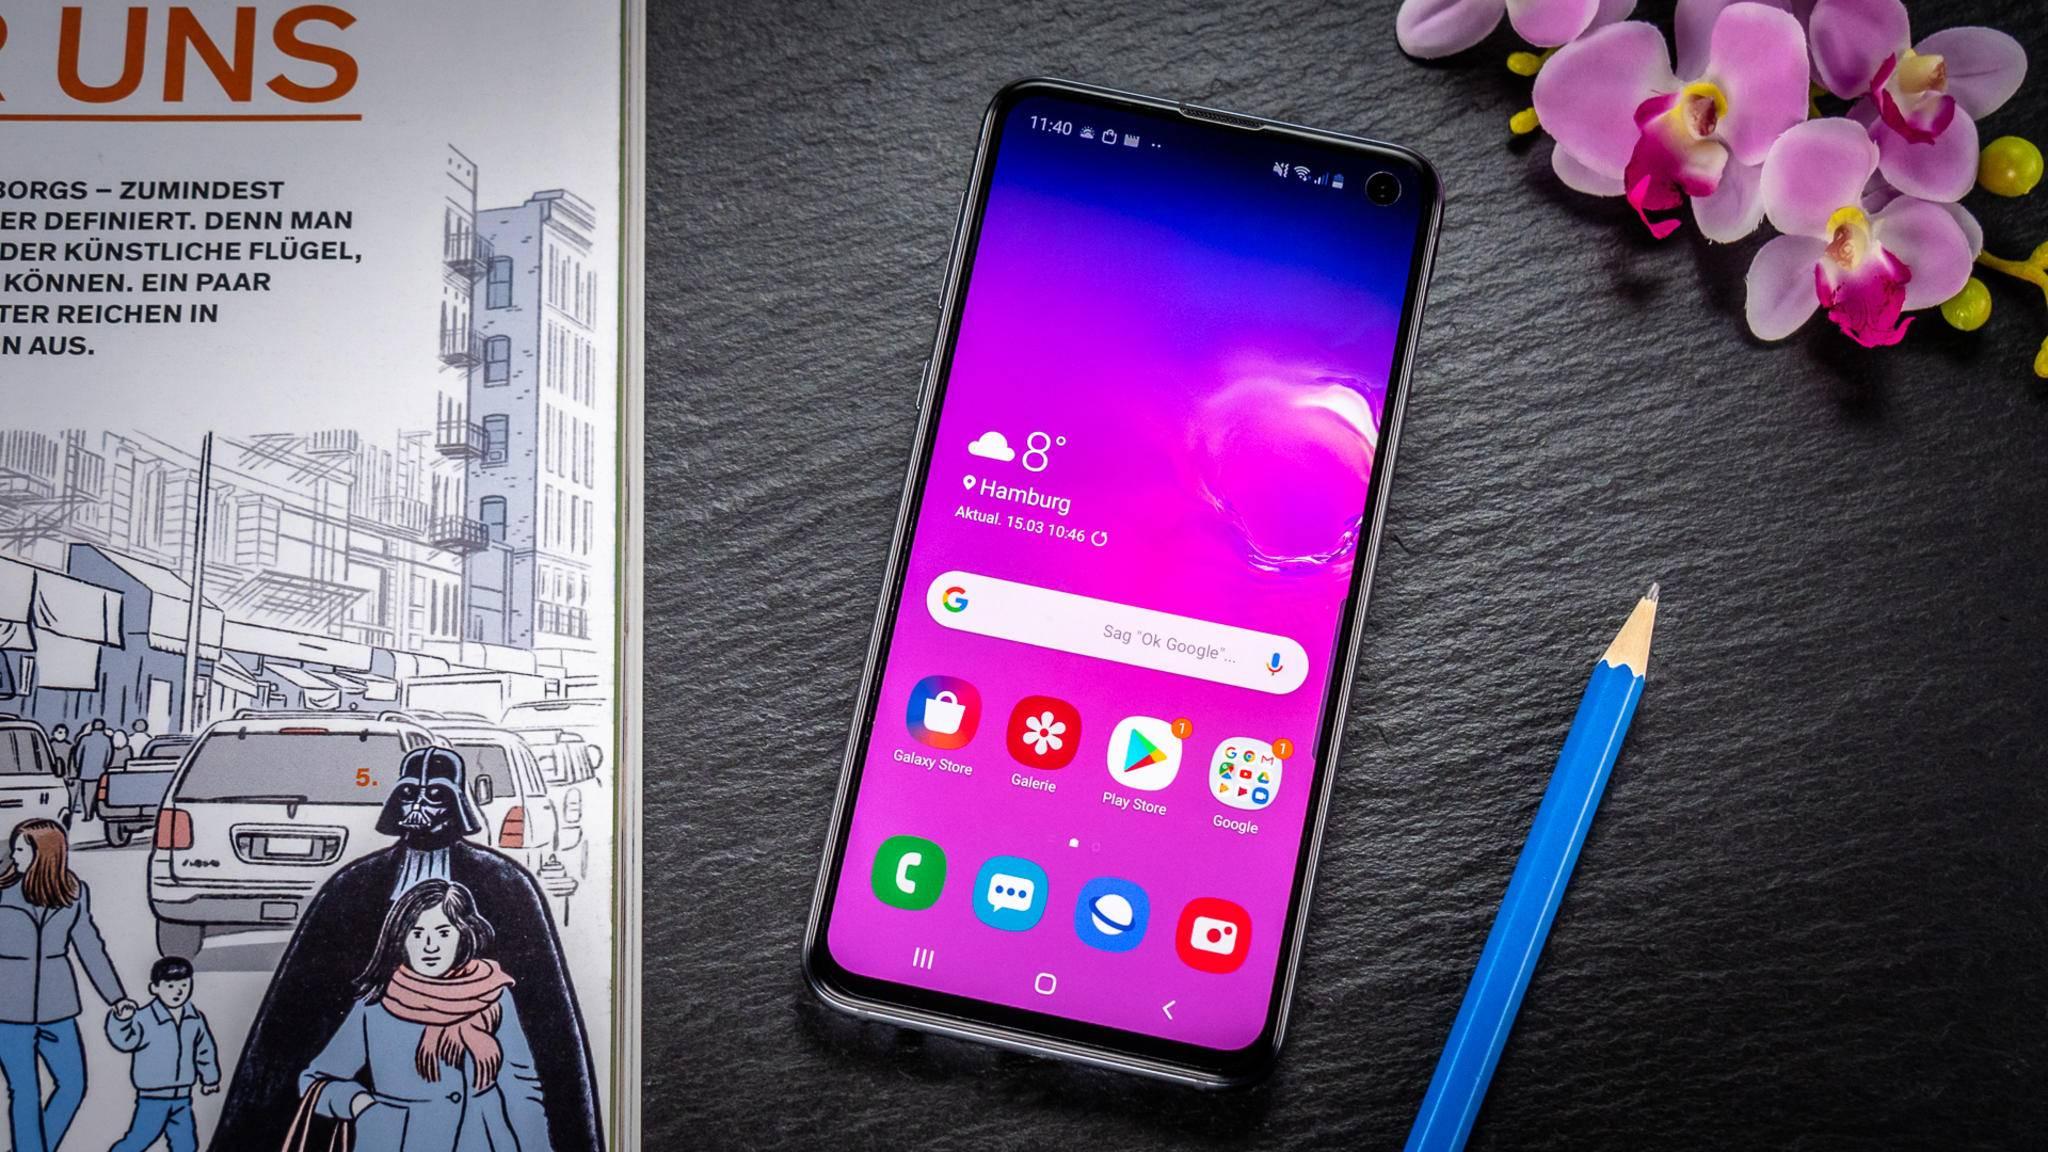 Das Galaxy S10 gab es in drei Varianten. Kommt das nächste Top-Modell in 5 Versionen?